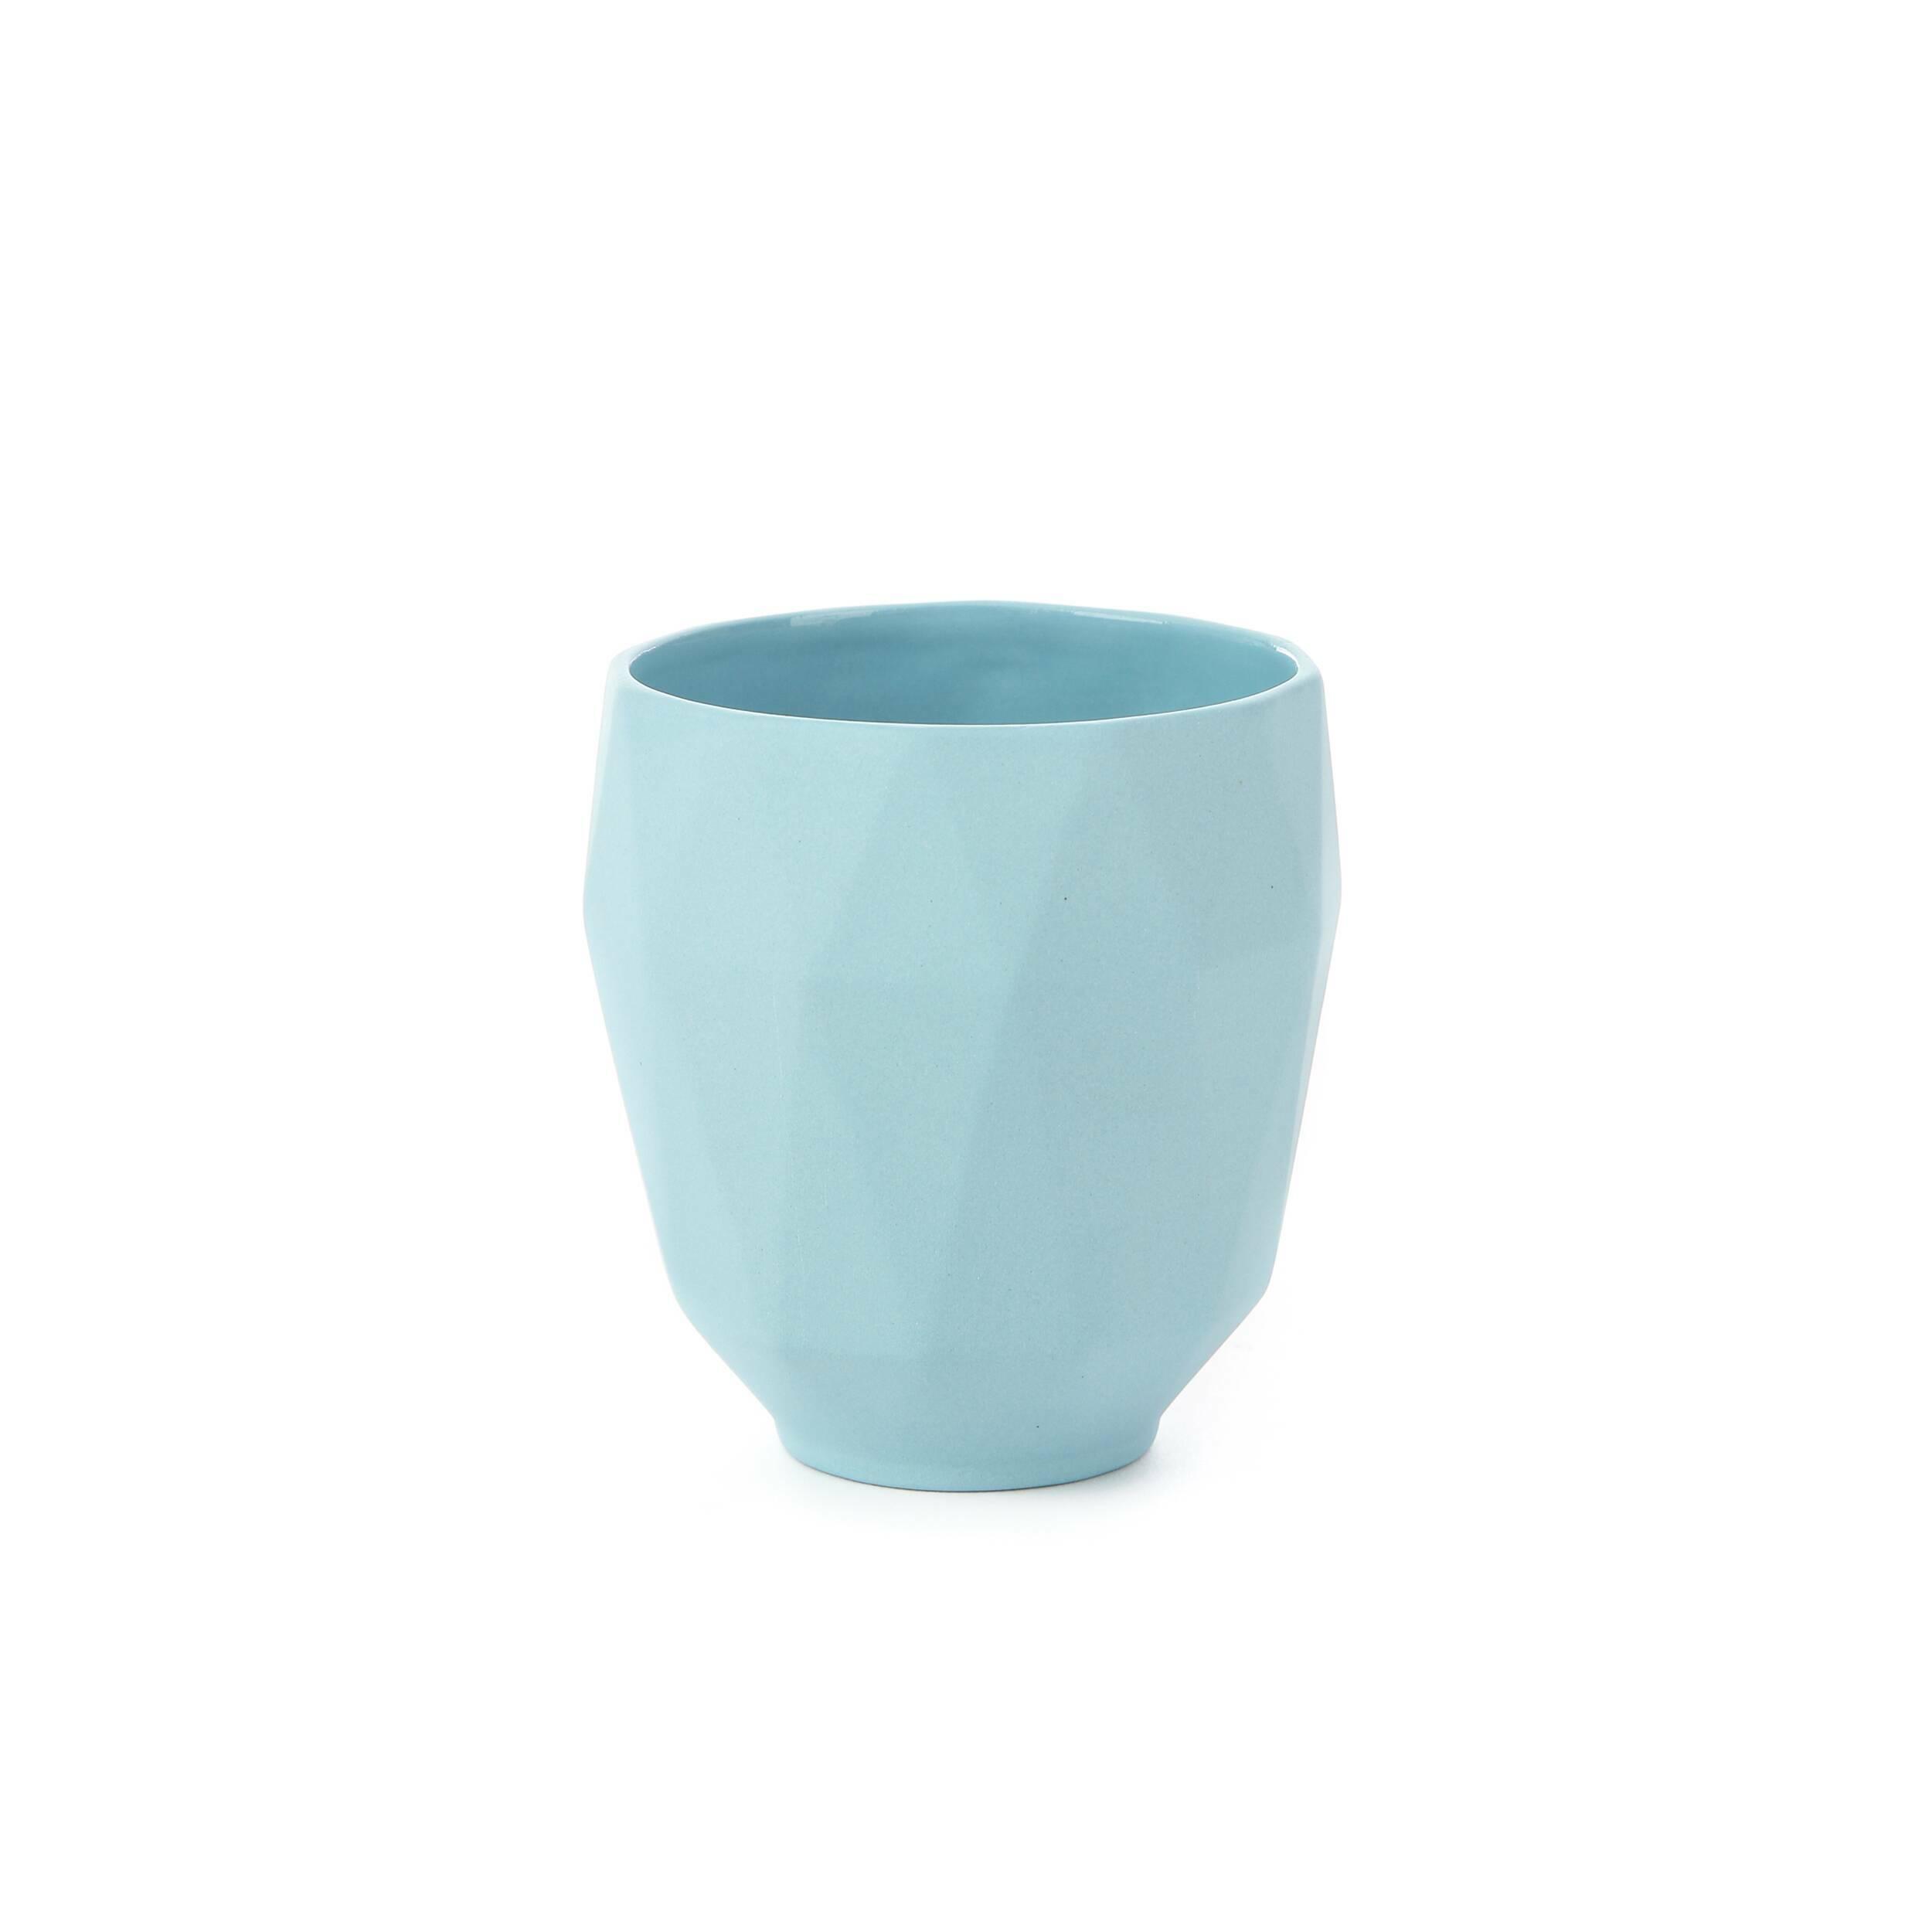 Чайная чашка RamusПосуда<br>Для хранения и подачи приготовленных блюд и напитков наилучшим образом подходят сосуды из натуральных материалов. Оригинальная коллекция Ramus включает в себя именно такие изделия – экологичные и безопасные, которые обладают привлекательным дизайном и приятной на ощупь поверхностью.<br><br><br> В коллекцию входит чайная чашка, набор солонка и перечница и набор емкостей для соуса и уксуса Ramus. Для изготовления этих моделей выбрана популярная, обладающая потрясающими декоративными качествами кер...<br><br>stock: 91<br>Высота: 9,5<br>Материал: Керамика<br>Цвет: Голубой<br>Диаметр: 8,5